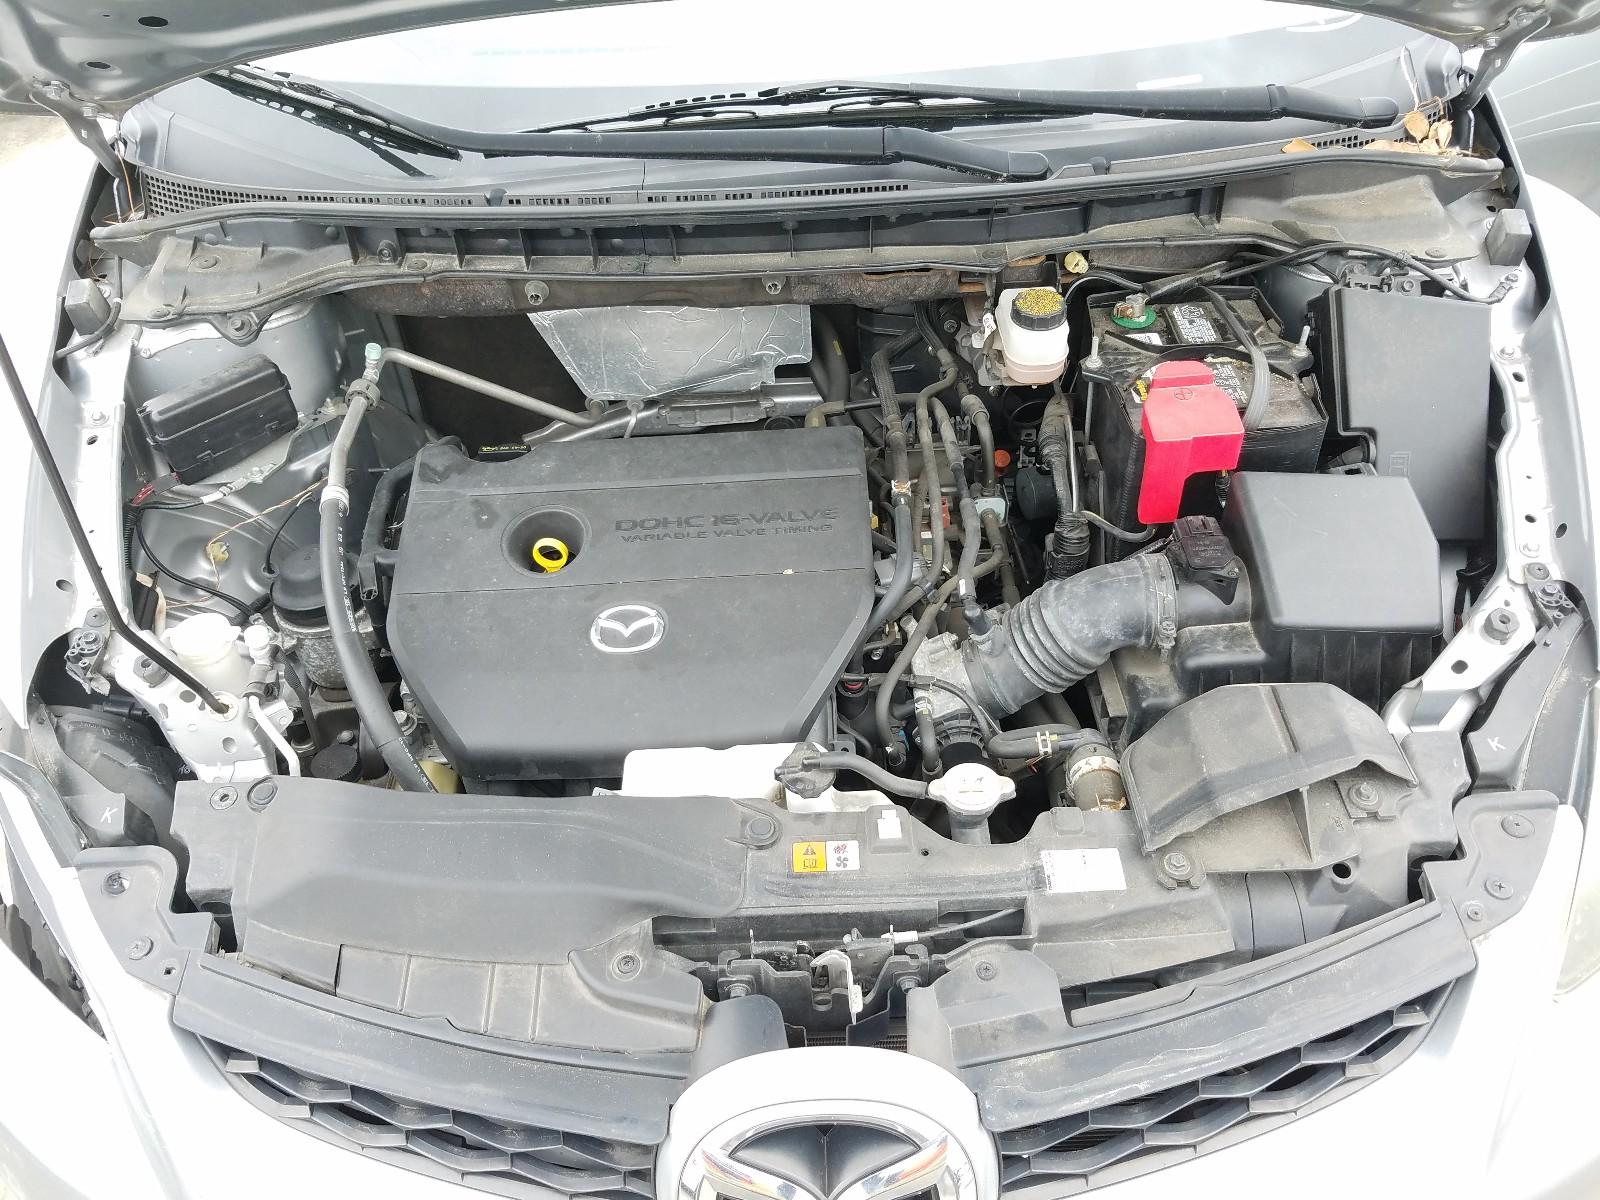 JM3ER2W51A0346416 - 2010 Mazda Cx-7 2.5L inside view